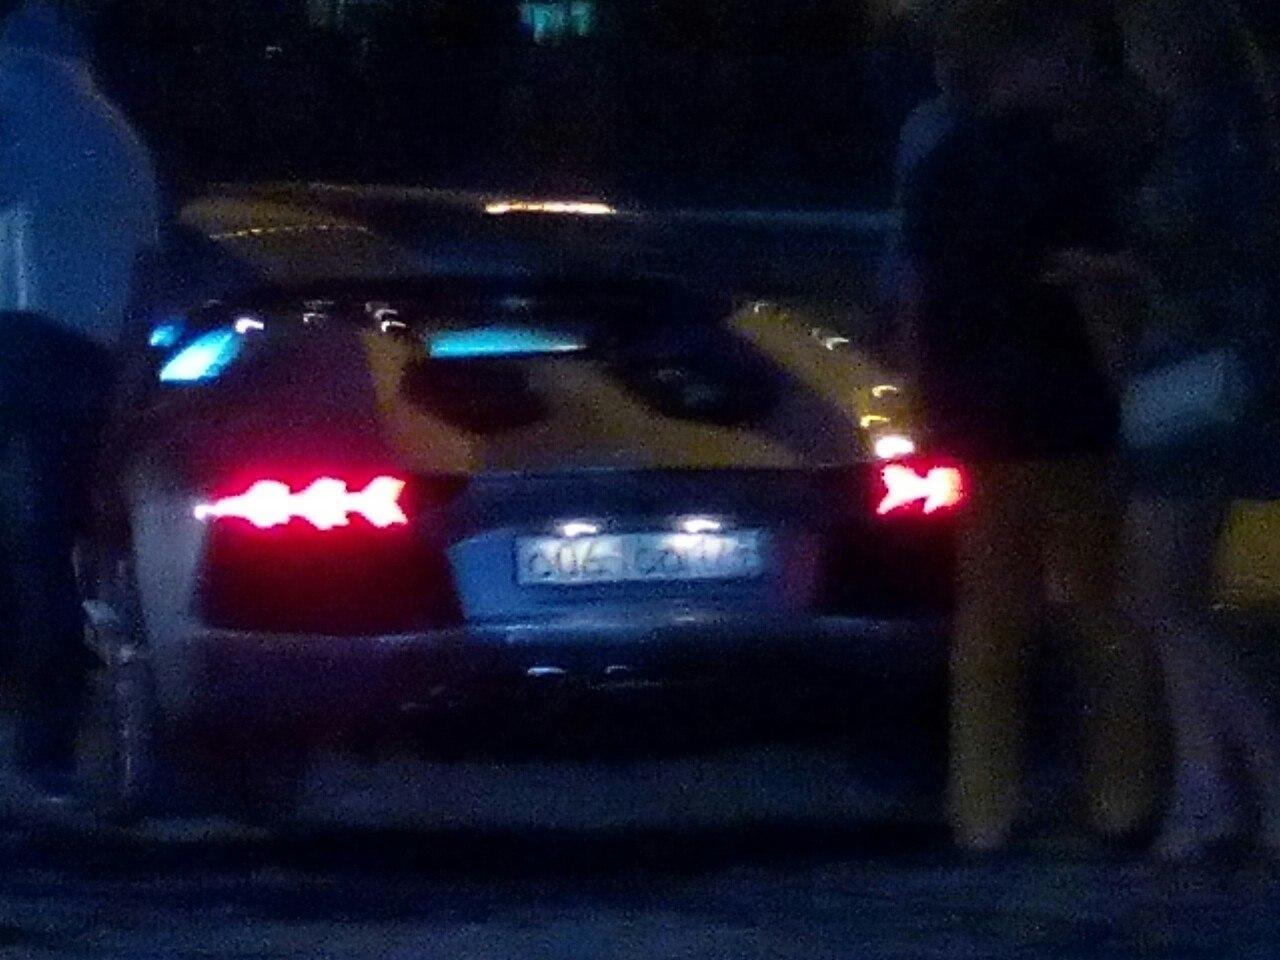 Фотографии с места аварии появились накануне вечером в группе «Подслушано Северок»